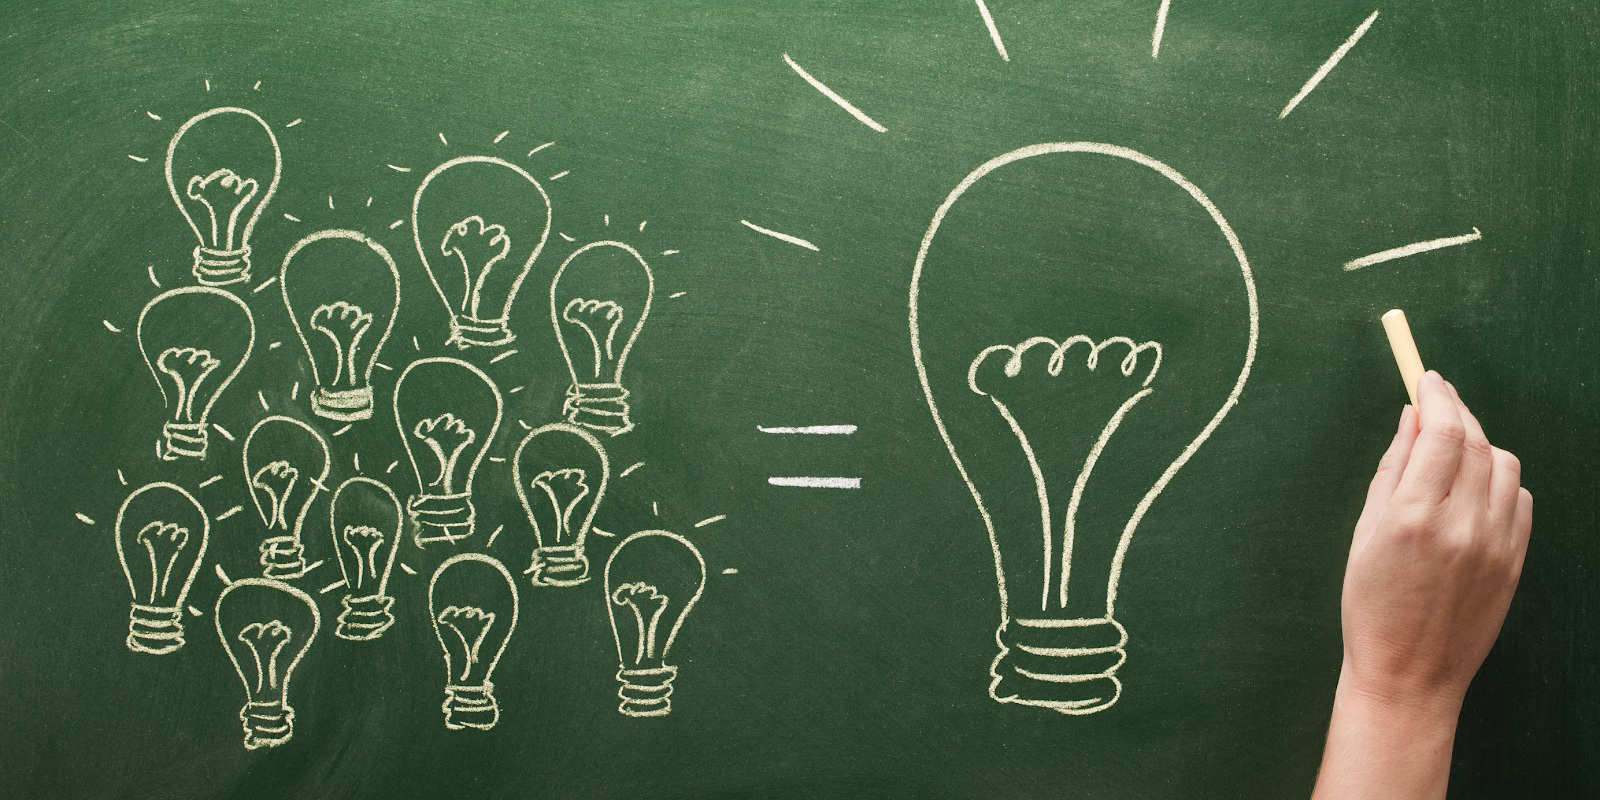 چالشهای نو در رهبری سازمانها